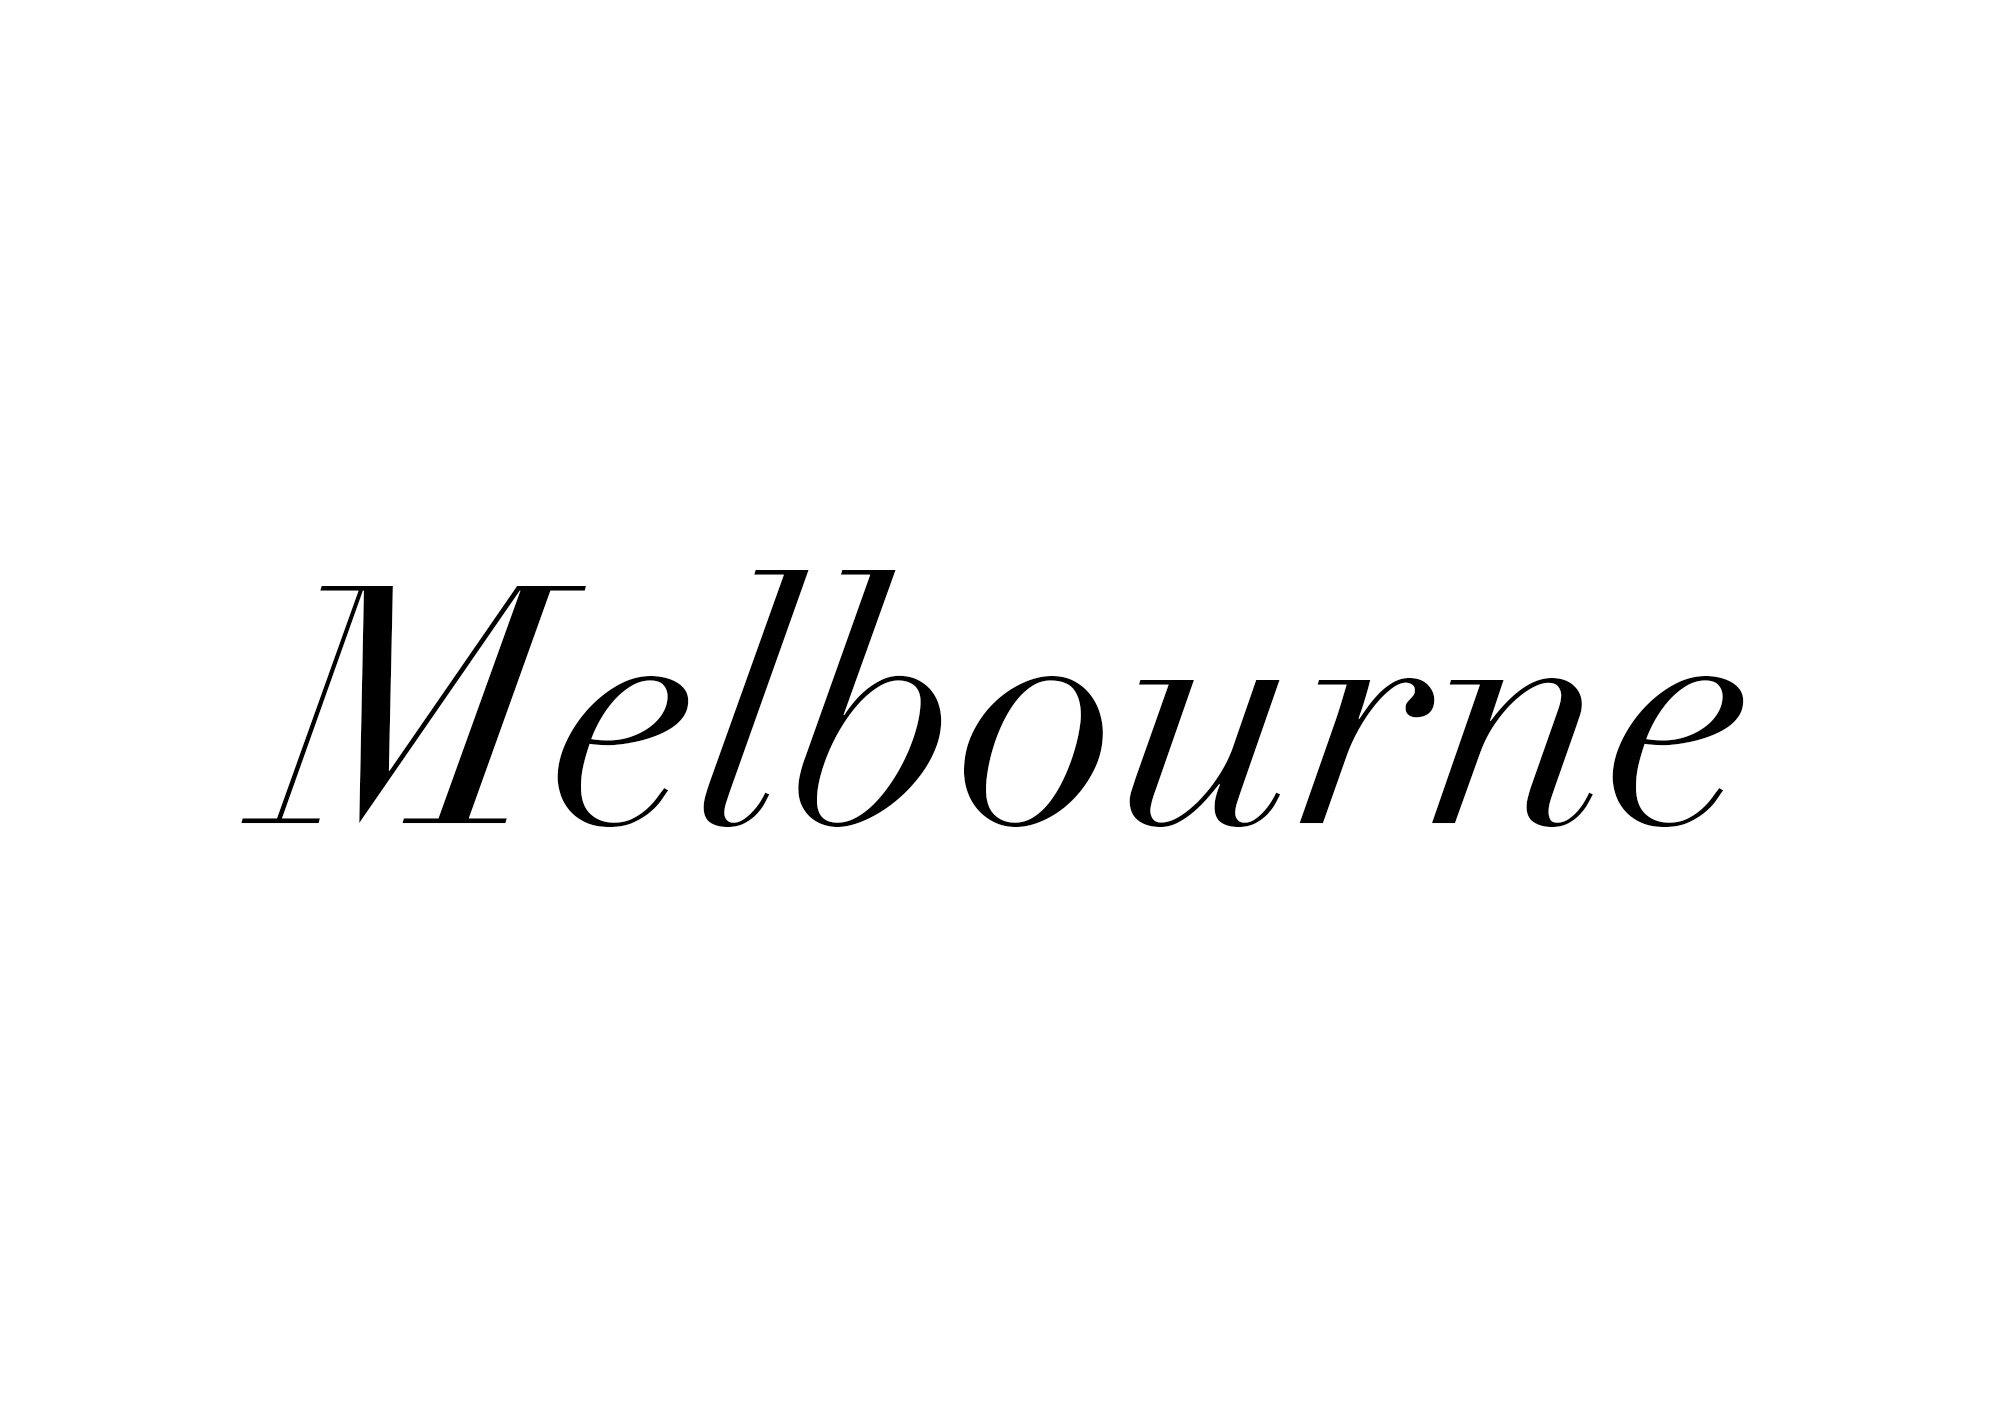 melnbourne.jpg